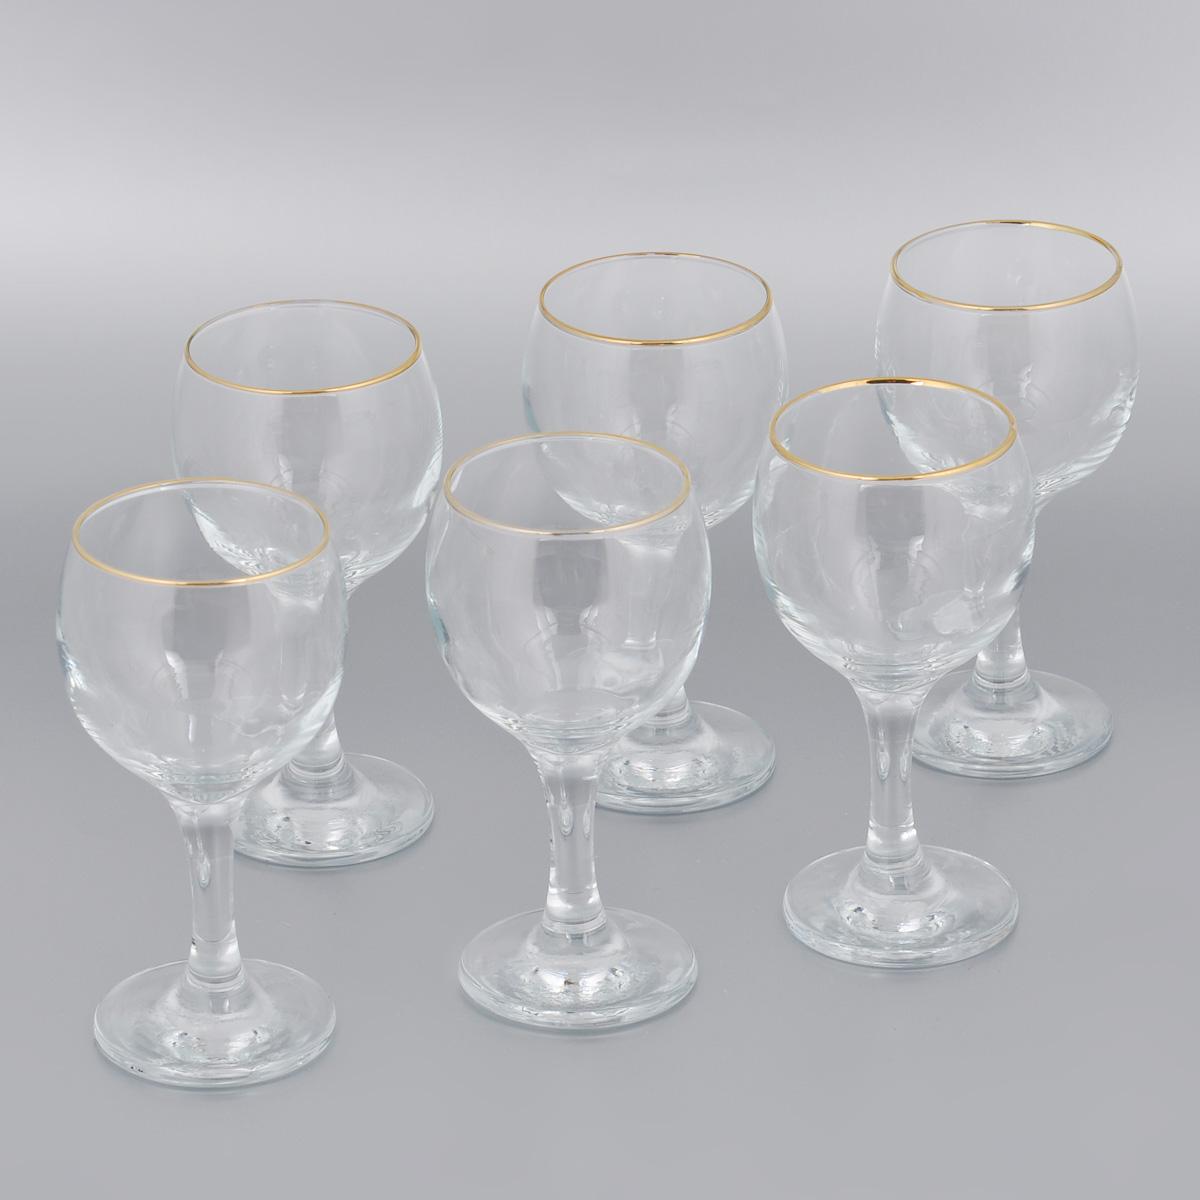 Набор бокалов для вина Pasabahce Workshop Golden Bistro, 225 мл, 6 штVT-1520(SR)Набор Pasabahce Workshop Golden Bistro состоит из шести бокалов, выполненных из прочного натрий-кальций-силикатного стекла. Изделия оснащены высокими ножками и декорированы золотистой каймой. Бокалы предназначены для подачи вина. Они сочетают в себе элегантный дизайн и функциональность. Благодаря такому набору пить напитки будет еще вкуснее.Набор бокалов Pasabahce Workshop Golden Bistro прекрасно оформит праздничный стол и создаст приятную атмосферу за романтическим ужином. Такой набор также станет хорошим подарком к любому случаю. Можно мыть в посудомоечной машине и использовать в микроволновой печи.Диаметр бокала (по верхнему краю): 6,3 см. Высота бокала: 15 см.